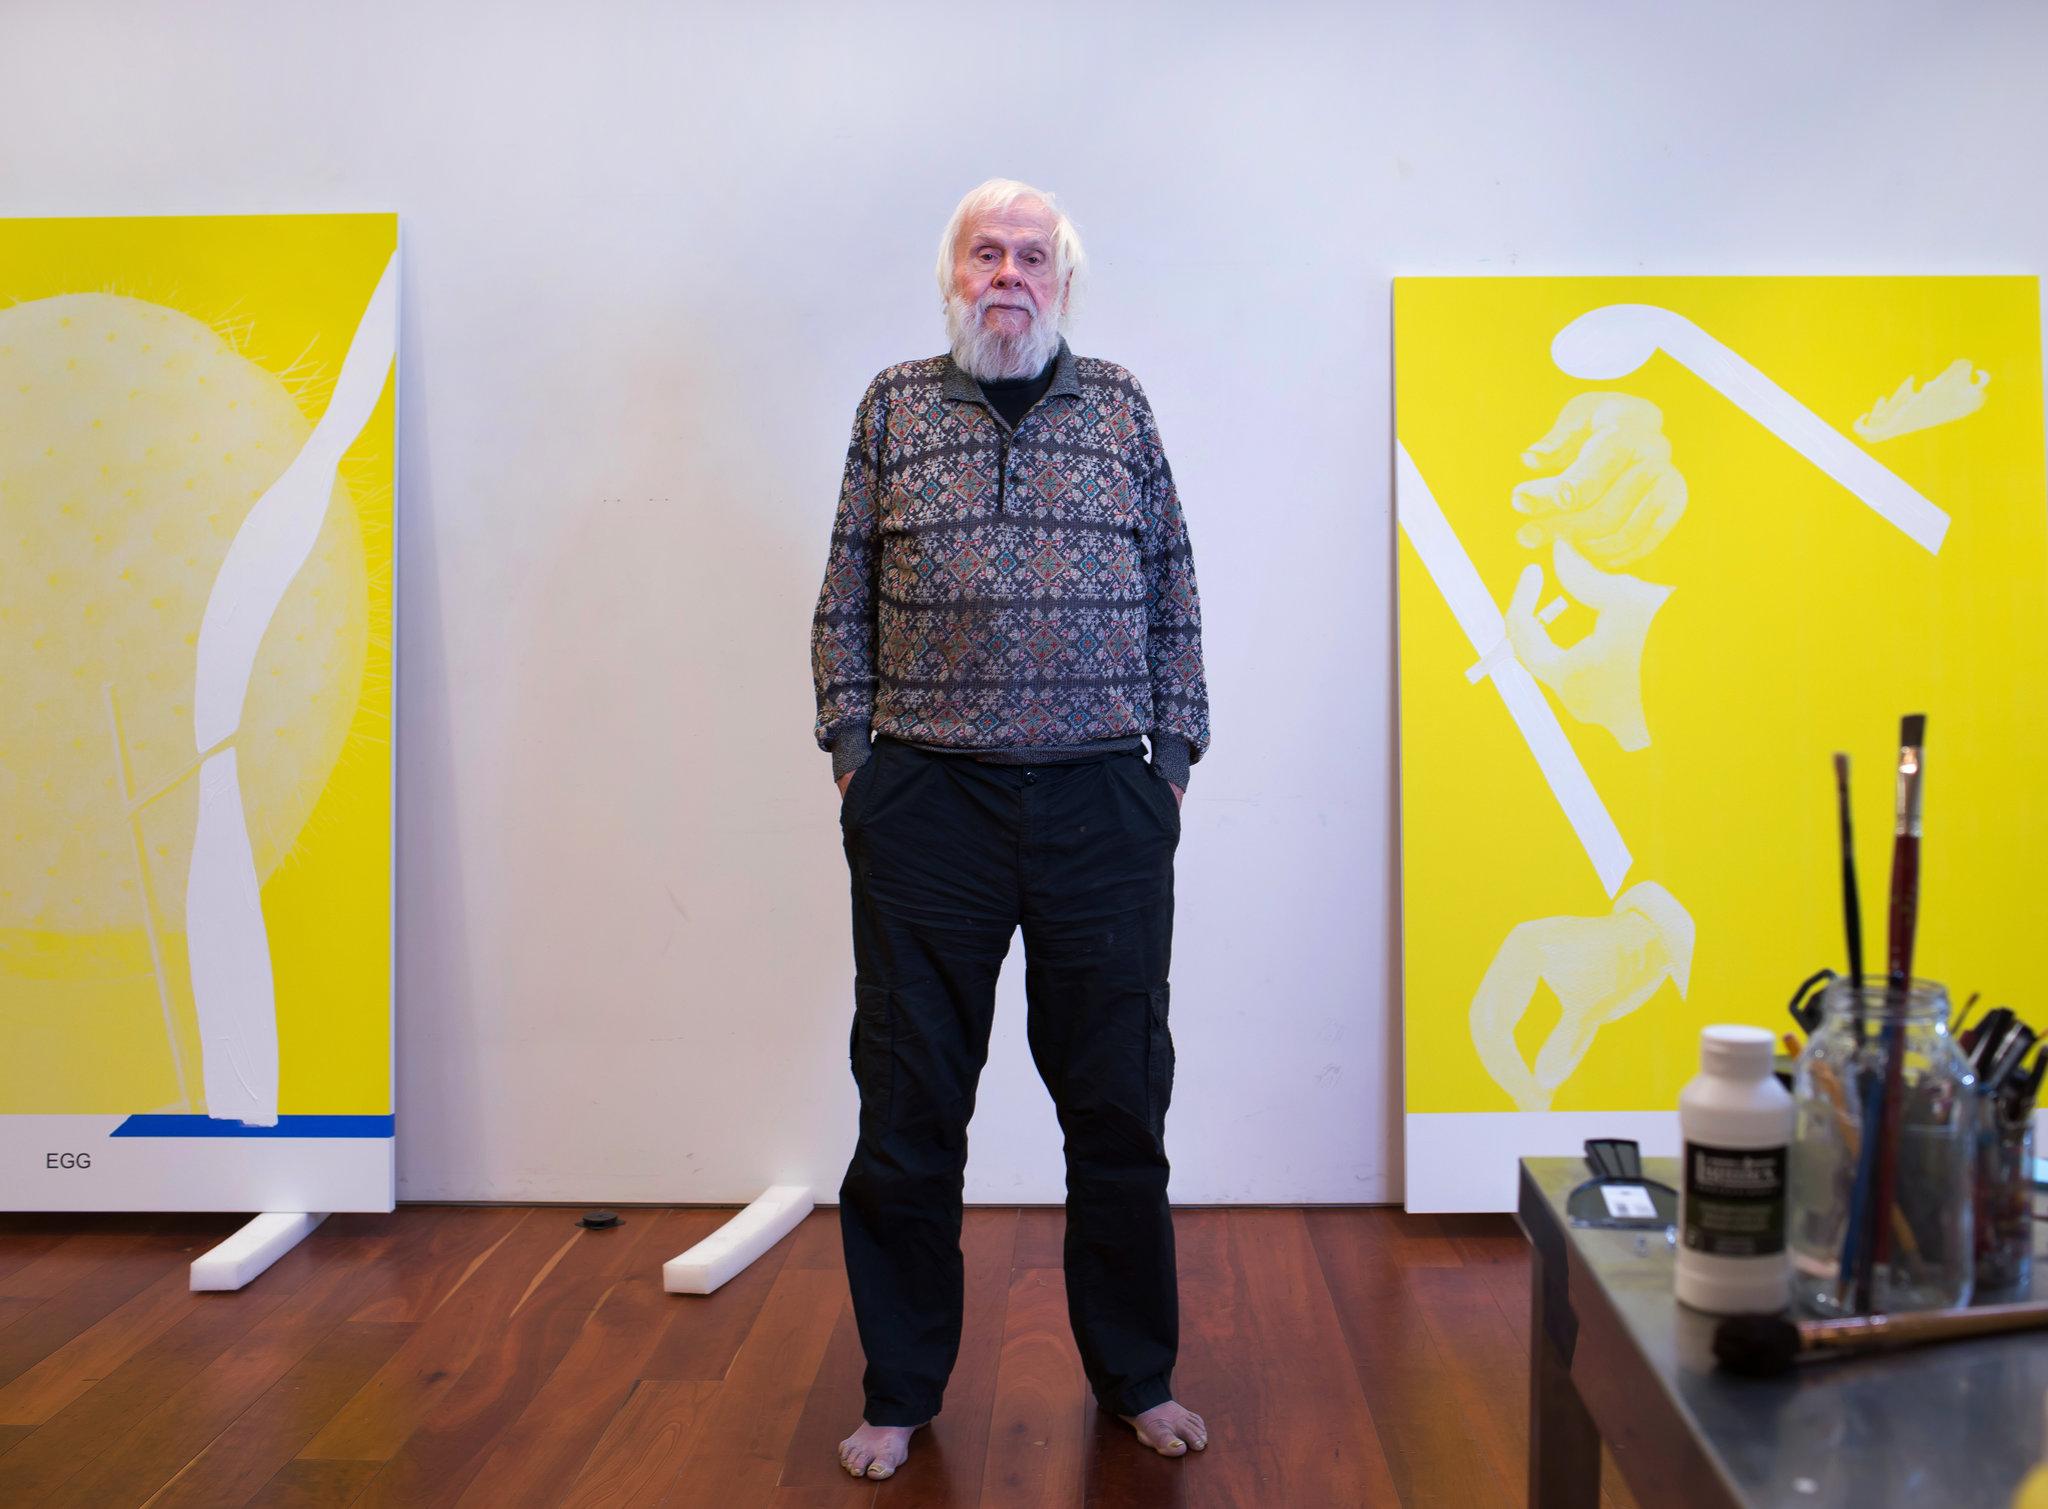 John Baldessari. La storia del padre dell'arte concettuale americana raccontata in sei minuti